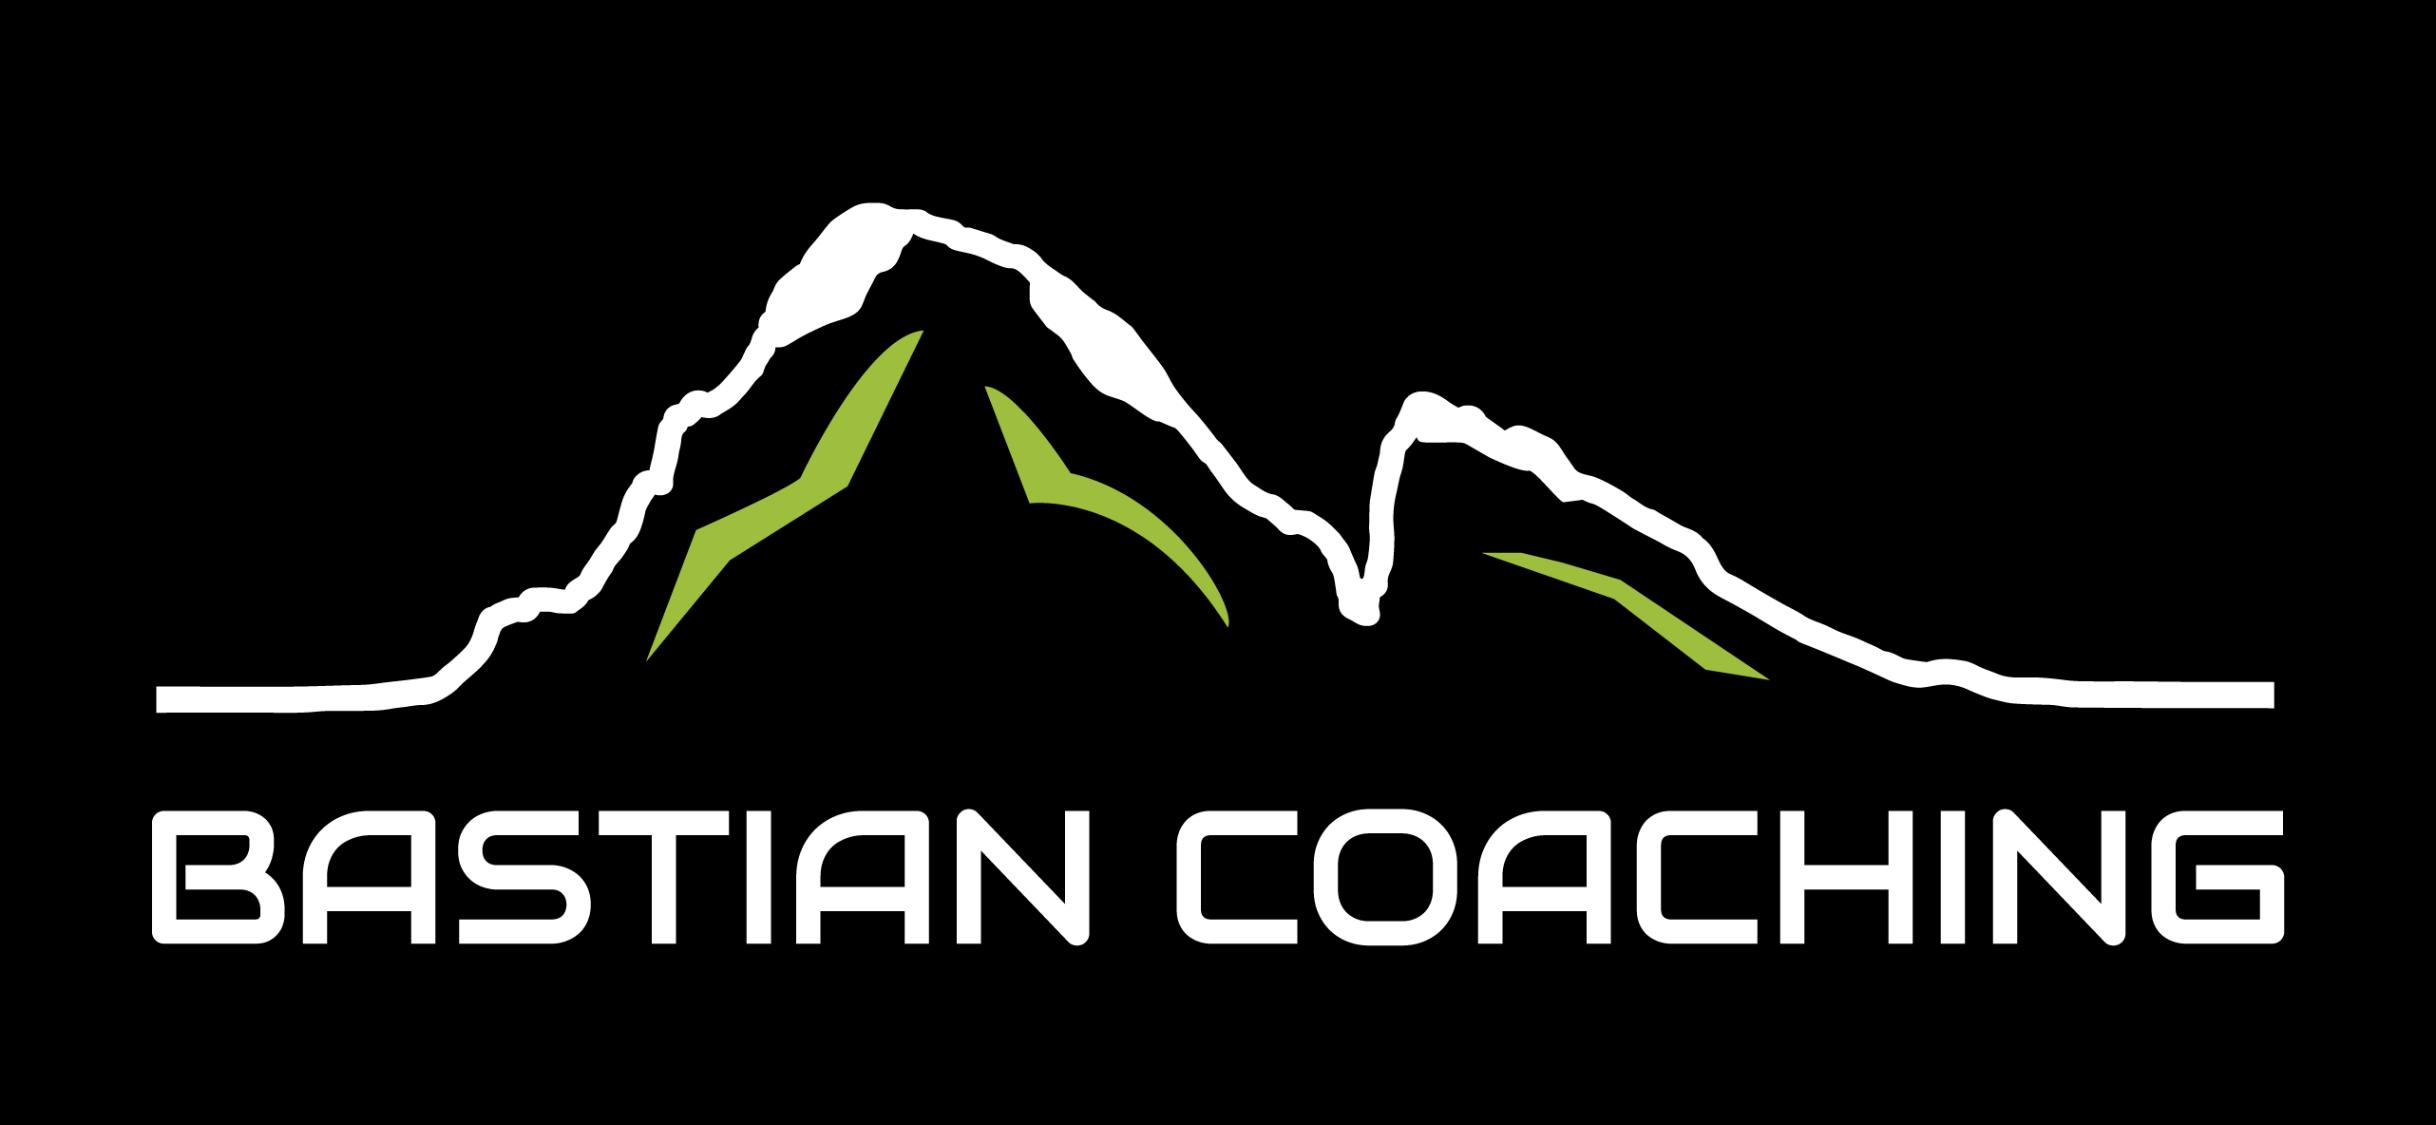 bastian coaching